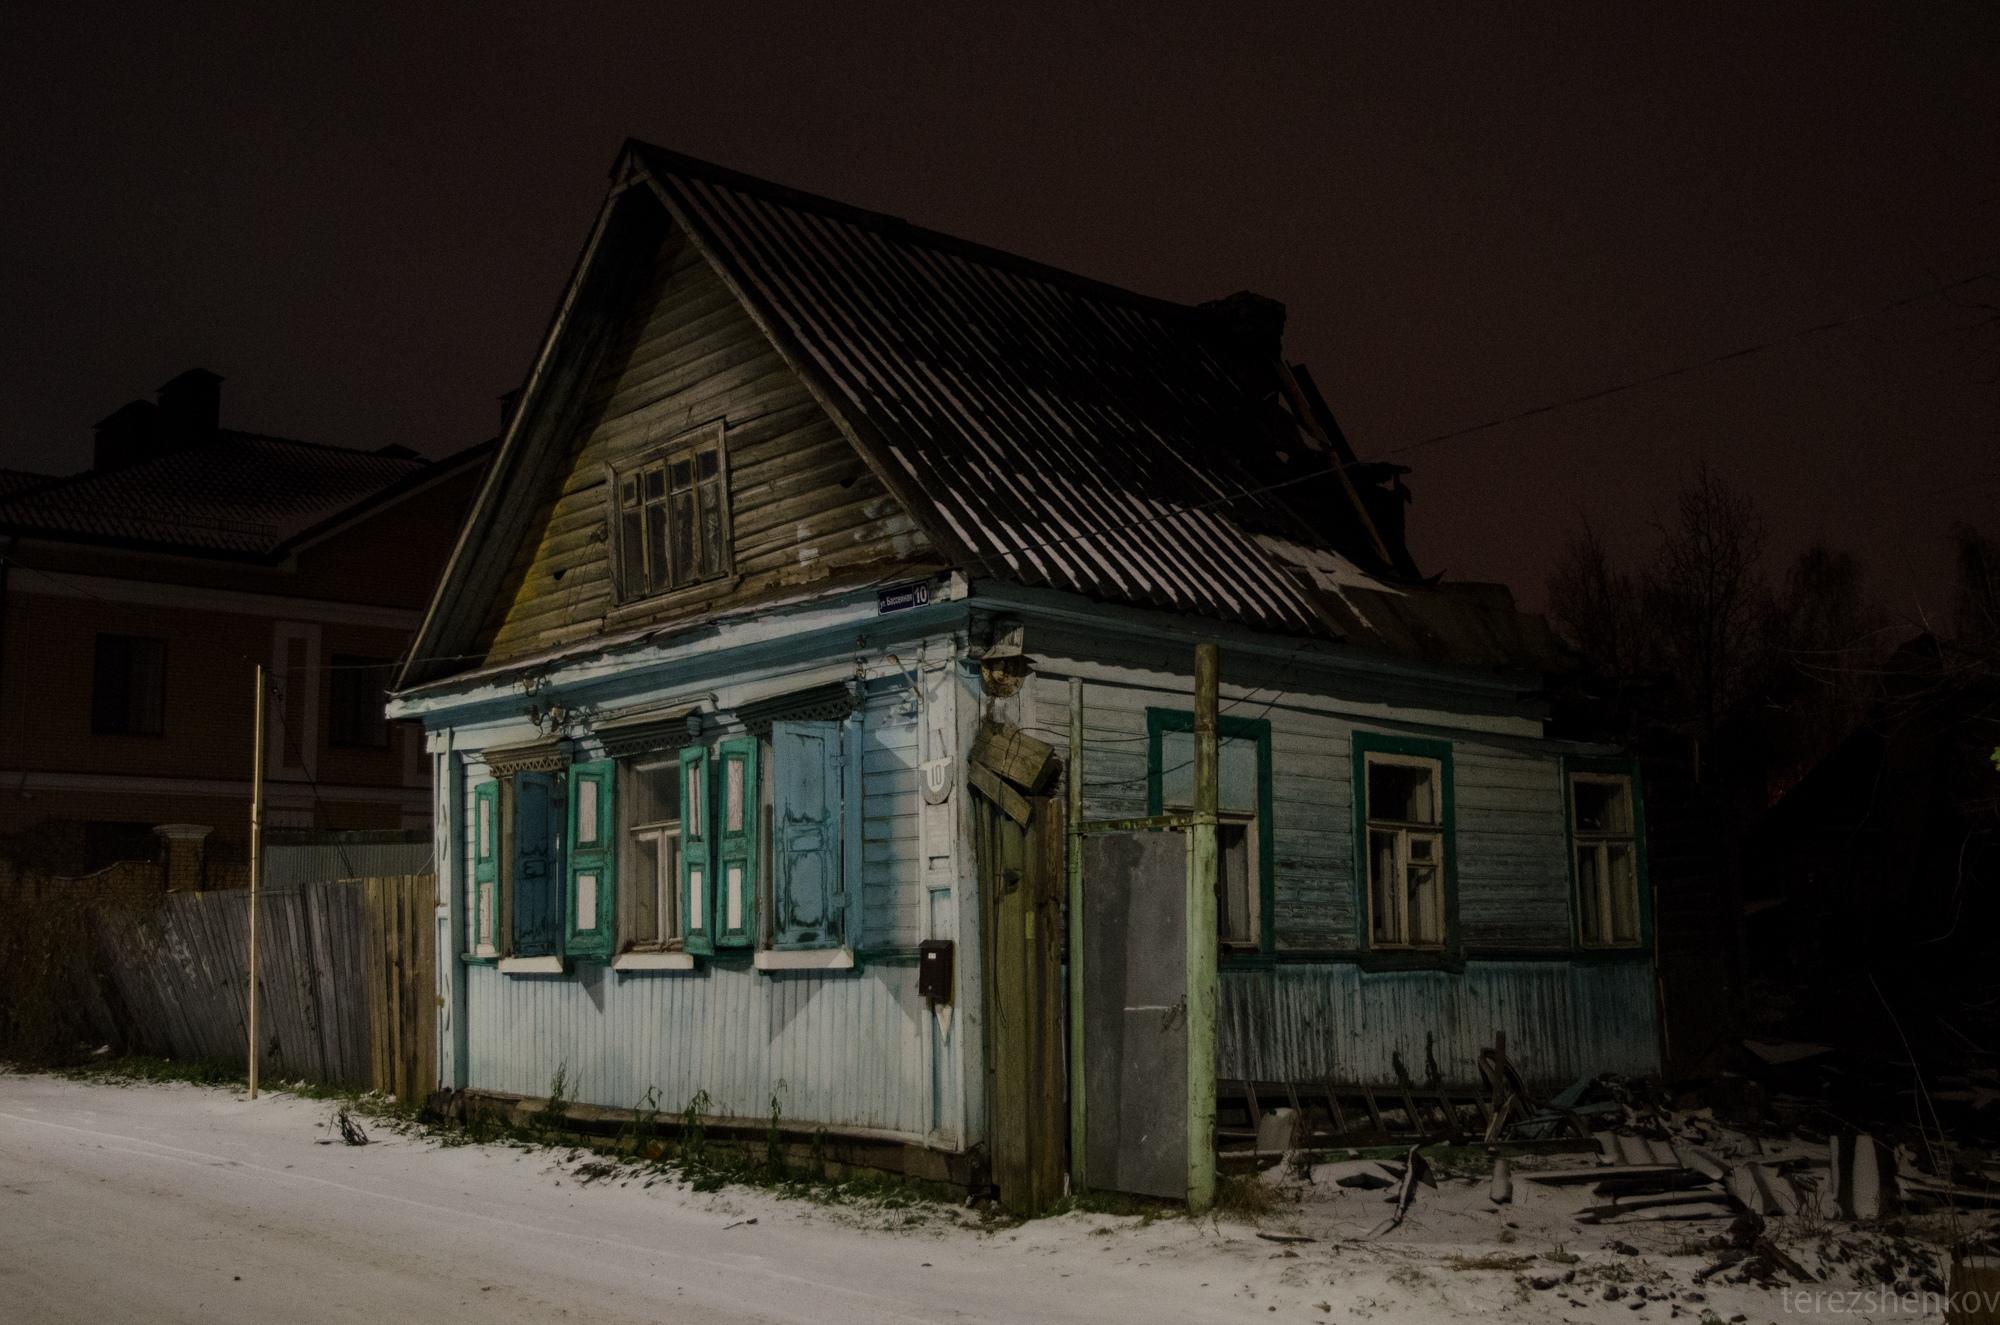 Слухи интернета: в центре Твери сносят старинный деревянный дом, чтобы построить многоэтажку